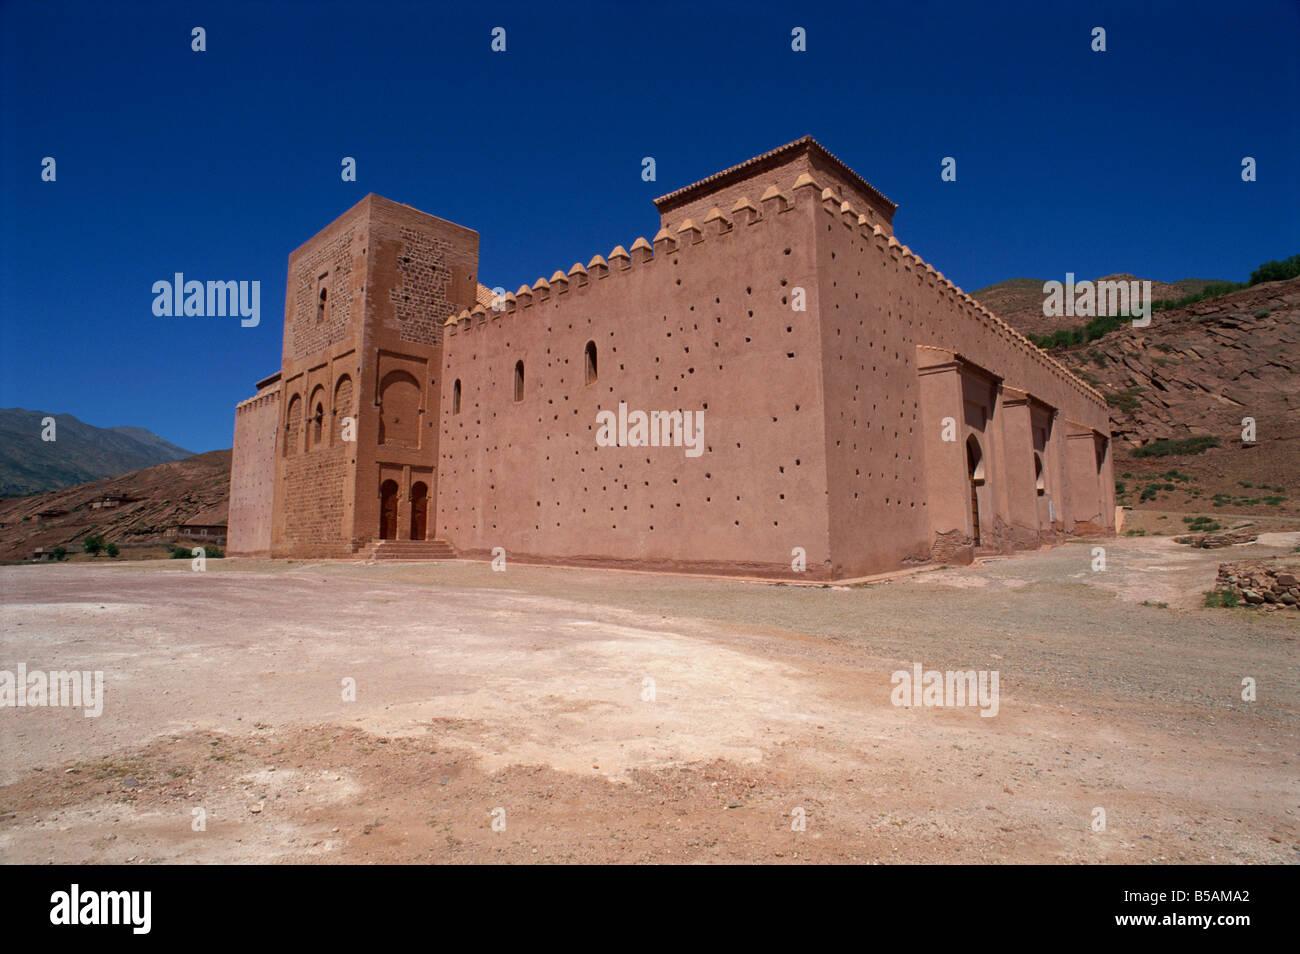 Mosquée du centre commercial d'étain à partir de 1153, Tizi-n-test pass, Maroc, Afrique du Nord, Photo Stock